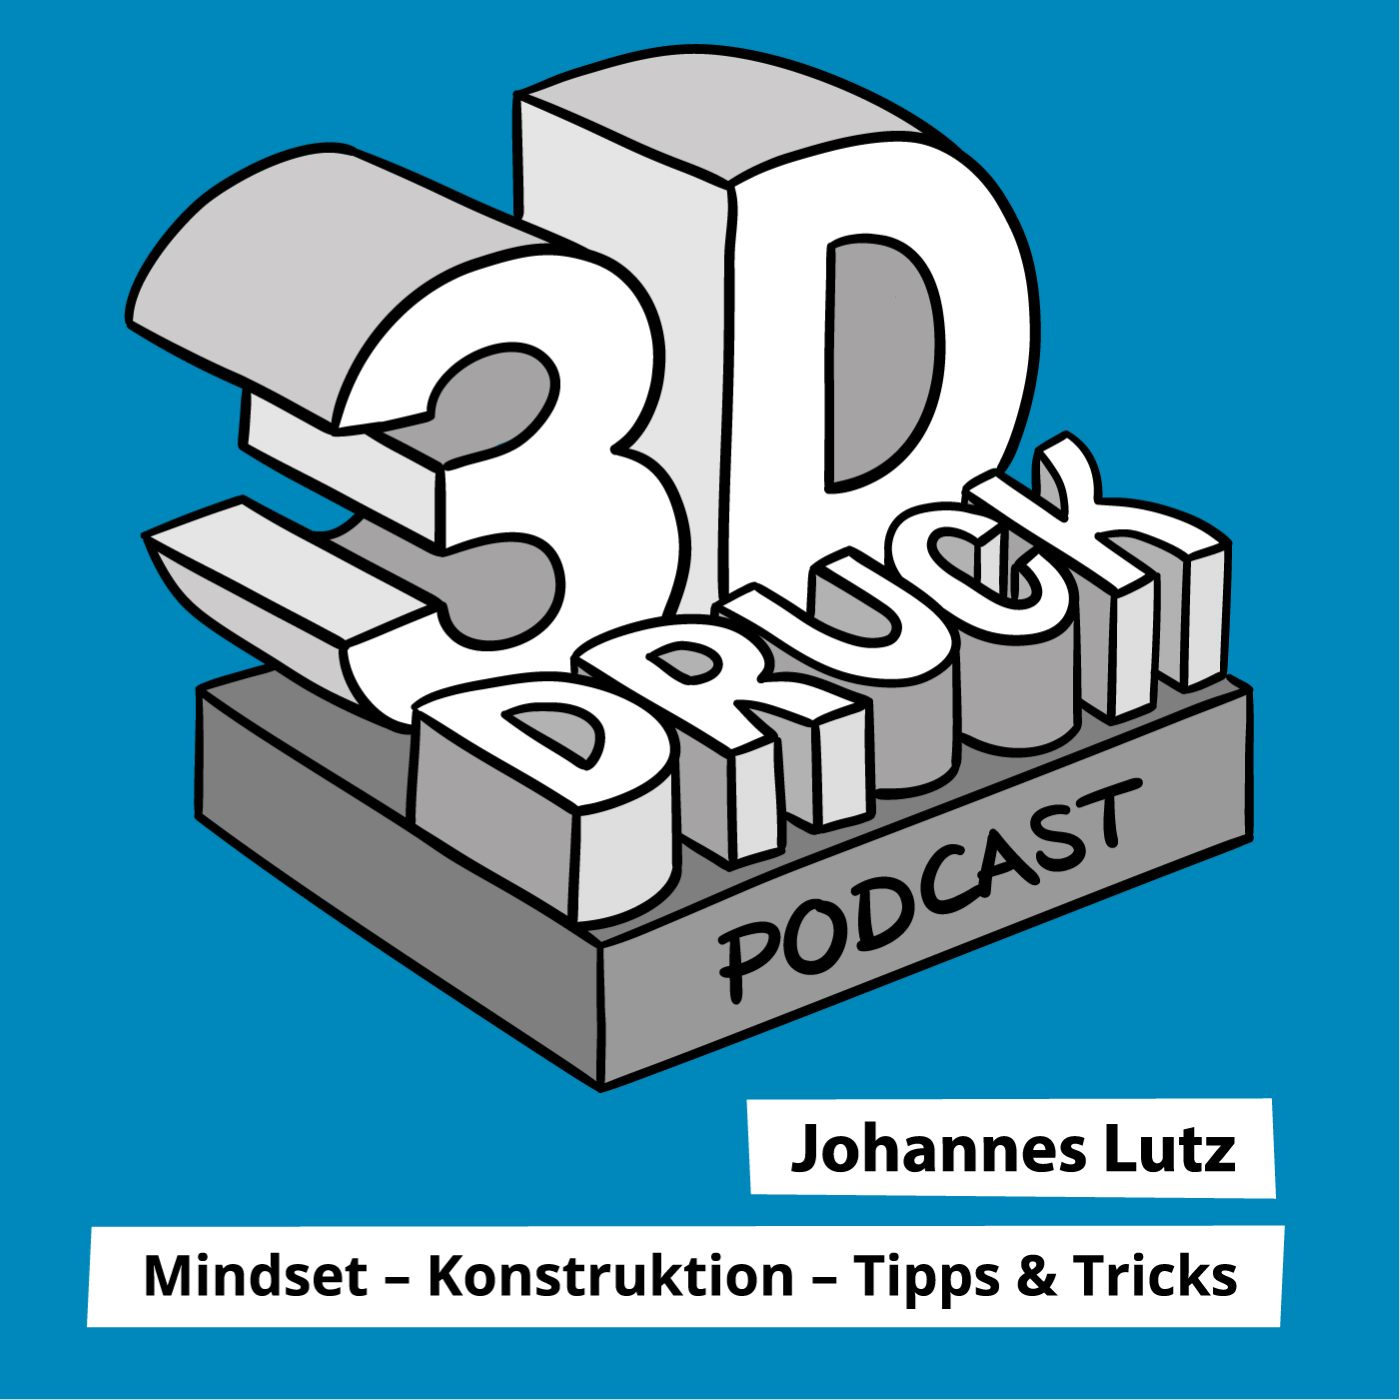 Der 3D-Druck Podcast von Johannes Lutz, ist der Technologie Podcast, wenn es um alle Aspekte in Sachen 3D-Druck, Additive Fertigung und Konstruktion geht egal ob, Hobby, Industriell oder Professionell. Denn es geht immer darum, ob Sie ihren 3D-Drucker im Griff haben oder ob der 3D-Drucker Sie im Griff hat. Wenn Sie Tipps & Tricks, Schritt für Schritt Anleitungen und wichtige Informationen über 3D-Druck wissen wollen, dann ist der Podcast genau das Richtige für Sie!